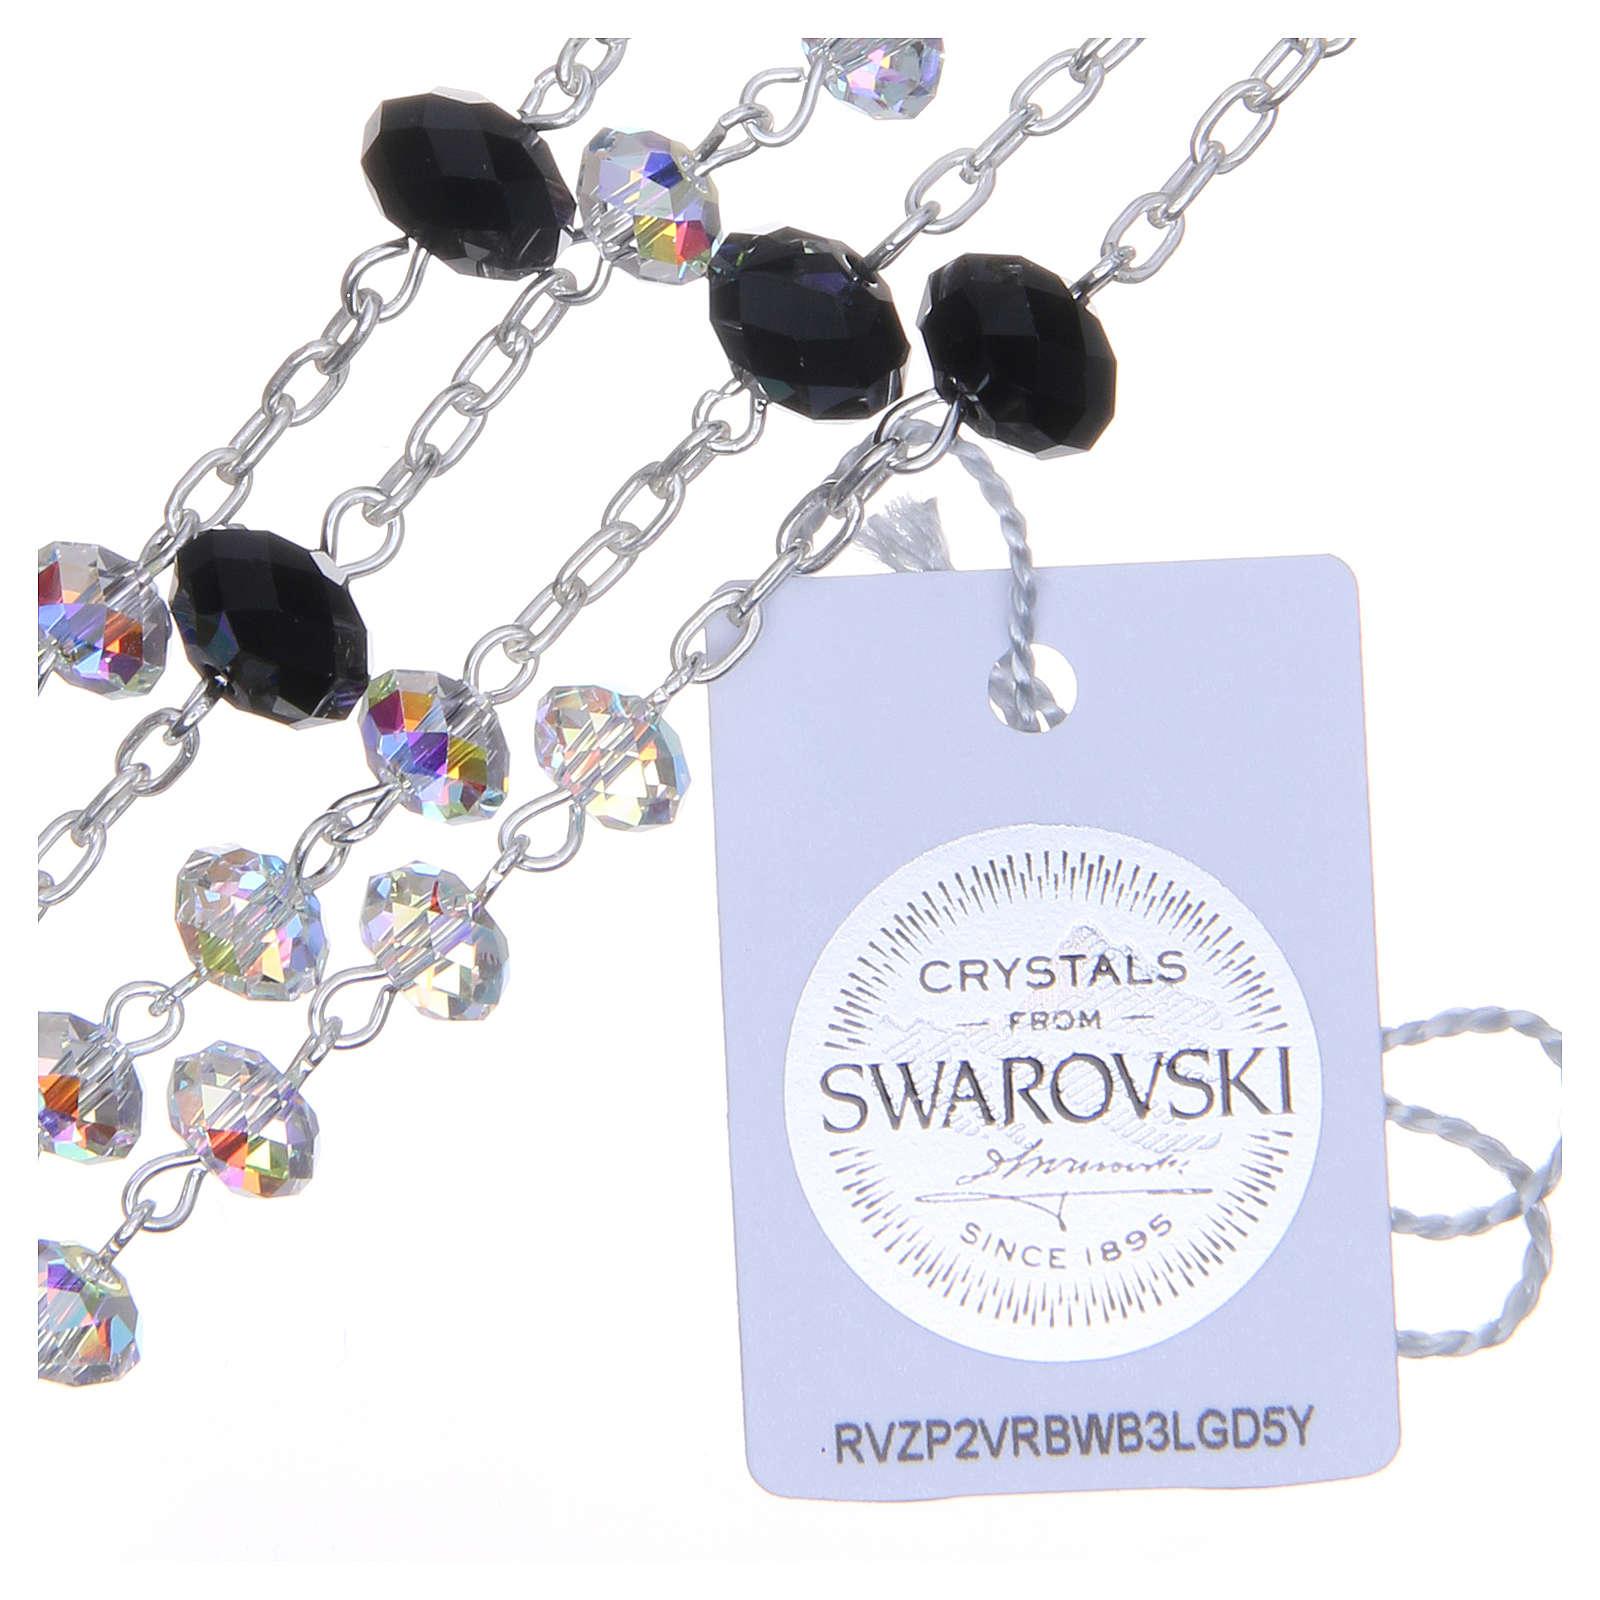 Rosario argento 925 cristallo Swarovski briolette 6 mm bianco/nero 4